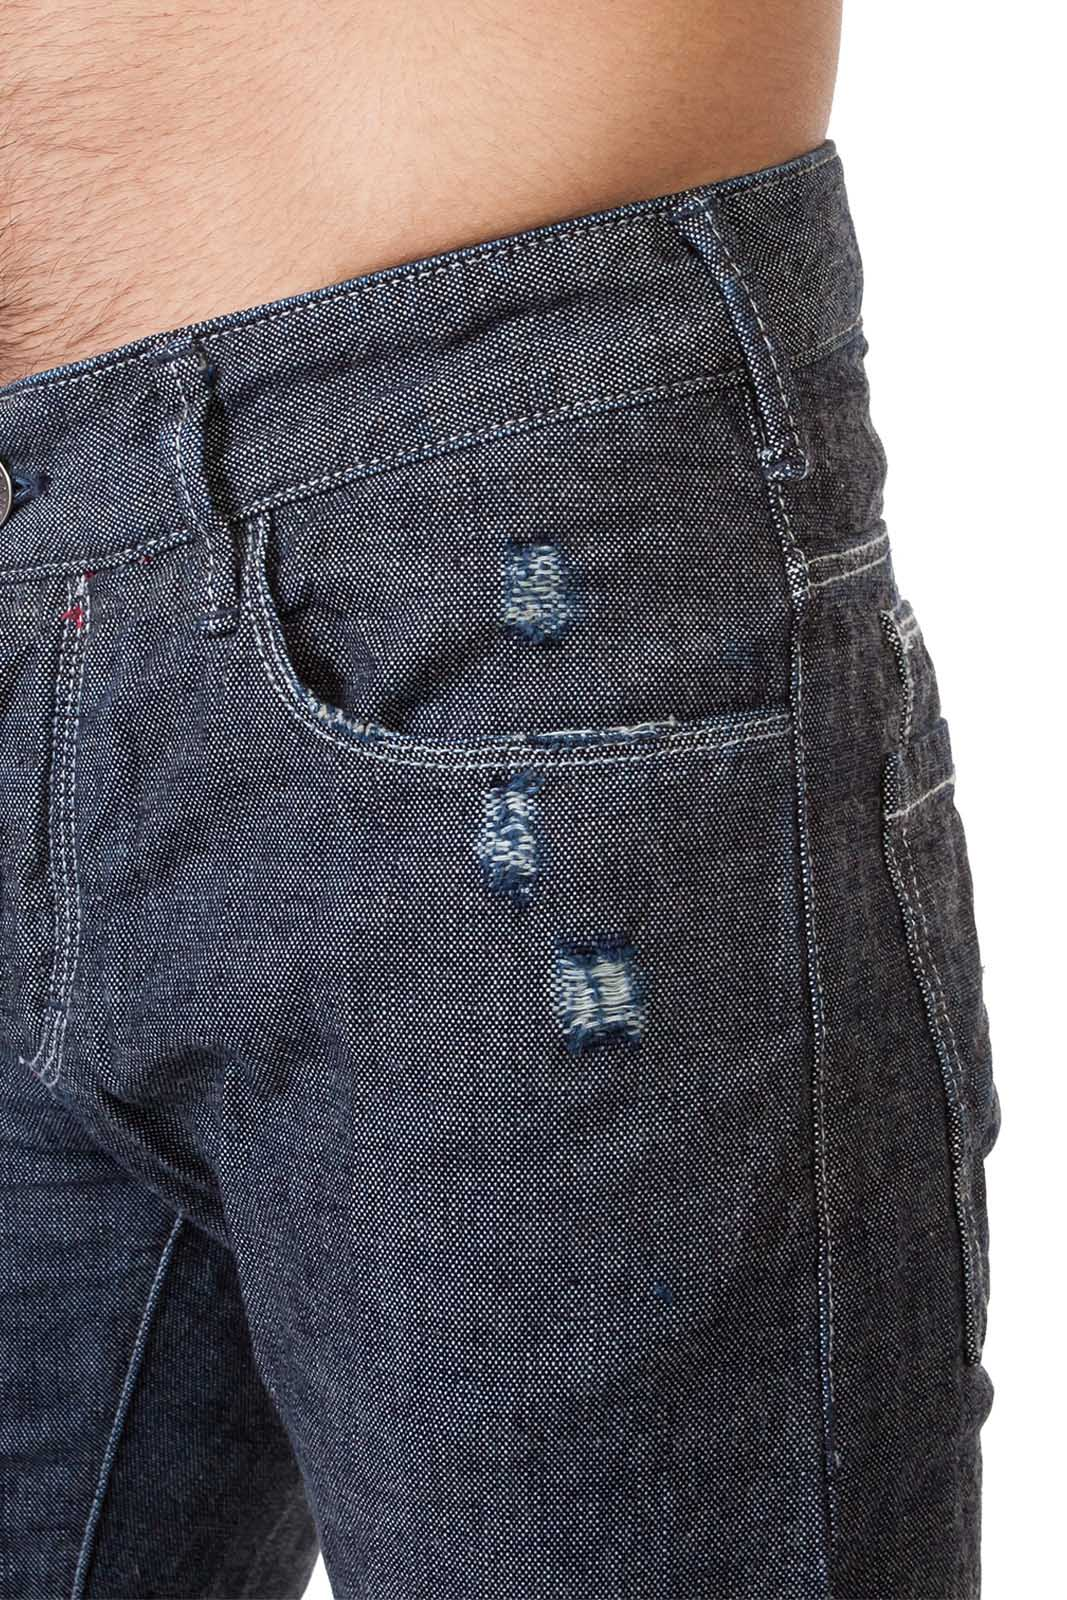 Серые мужские джинсы.